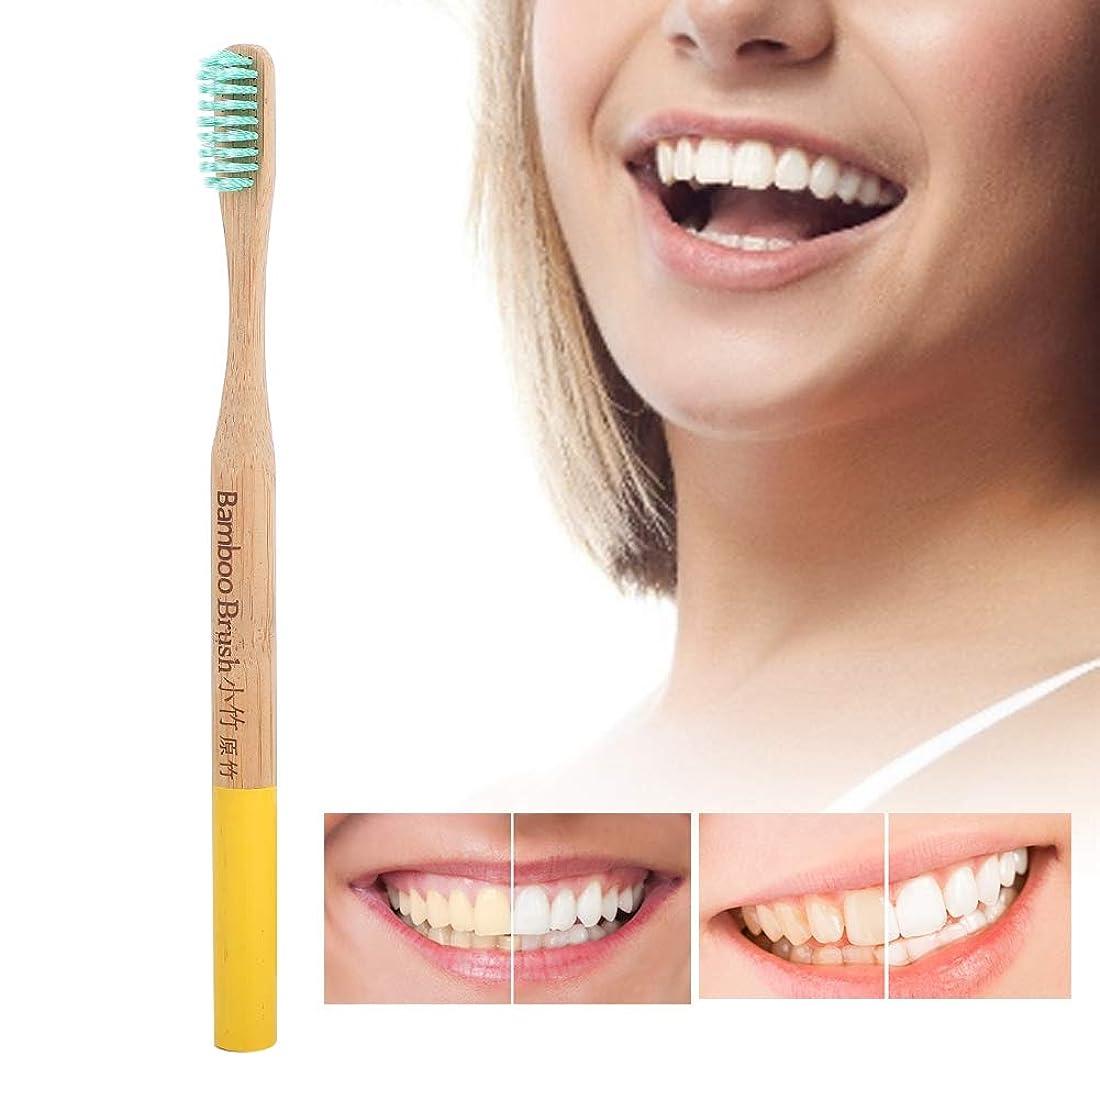 病スクリーチテロリスト歯ブラシソフト細毛竹柄歯ブラシ国内タイプ